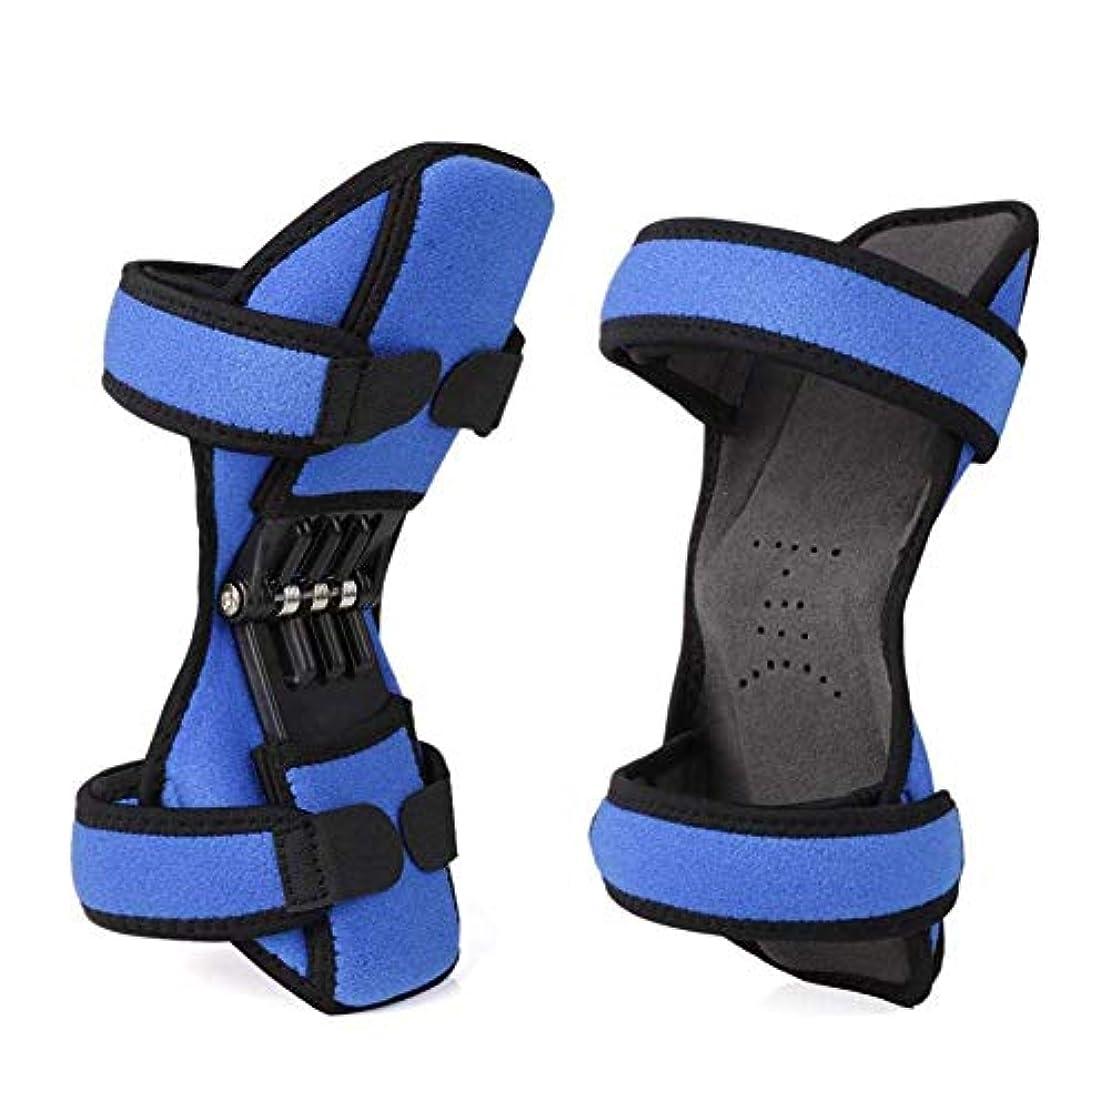 正気ぬるいペニー強力なリバウンドスプリング力を備えた 膝パッドブースターパッド(1ペア) blue